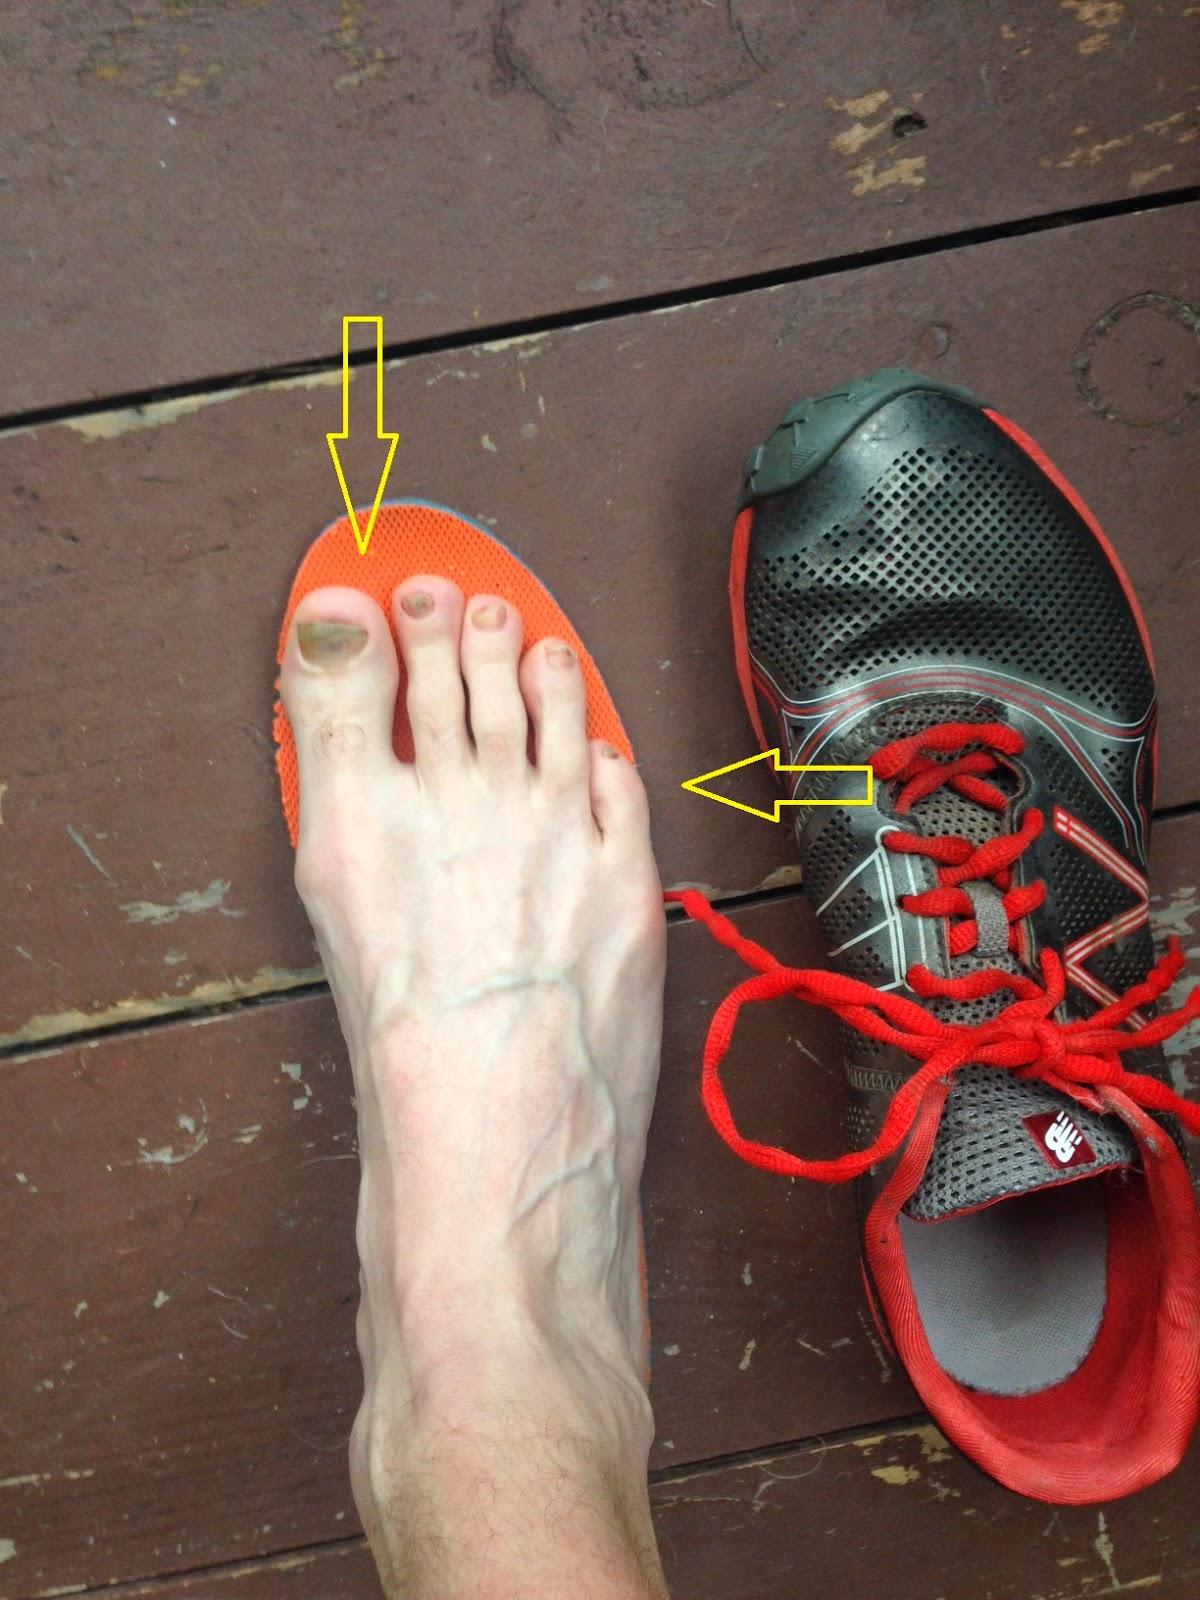 Pointy Shoes Too Narrow Toe Box